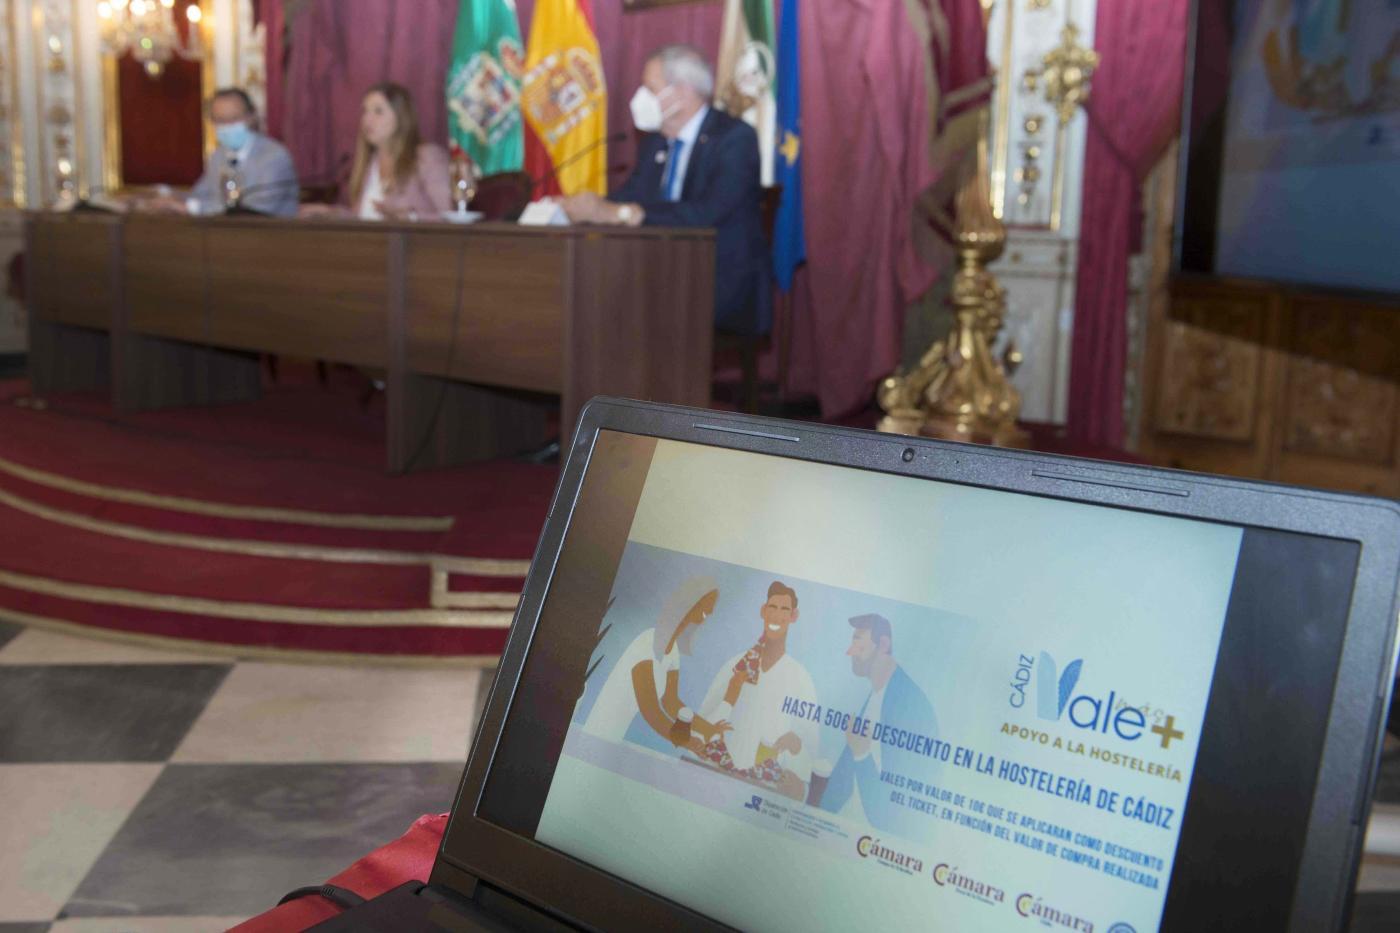 Nueva campaña provincial que repartirá vales de descuento para gastar en bares de Cádiz